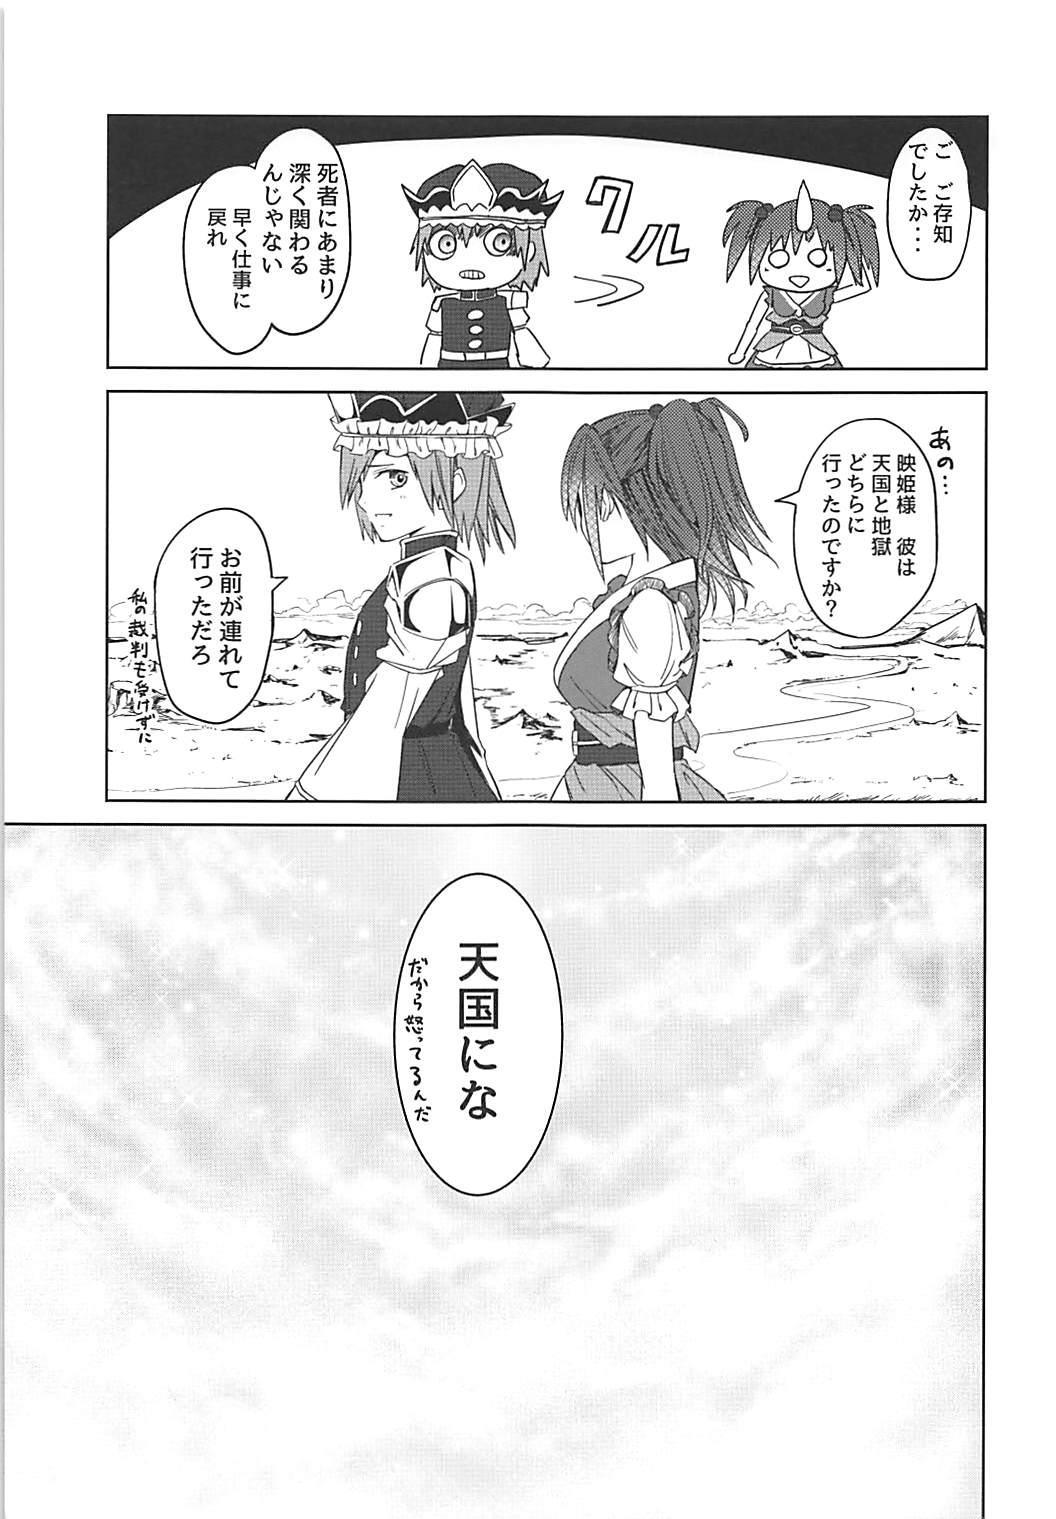 Komachi-san no Yawaraka Oppai 17